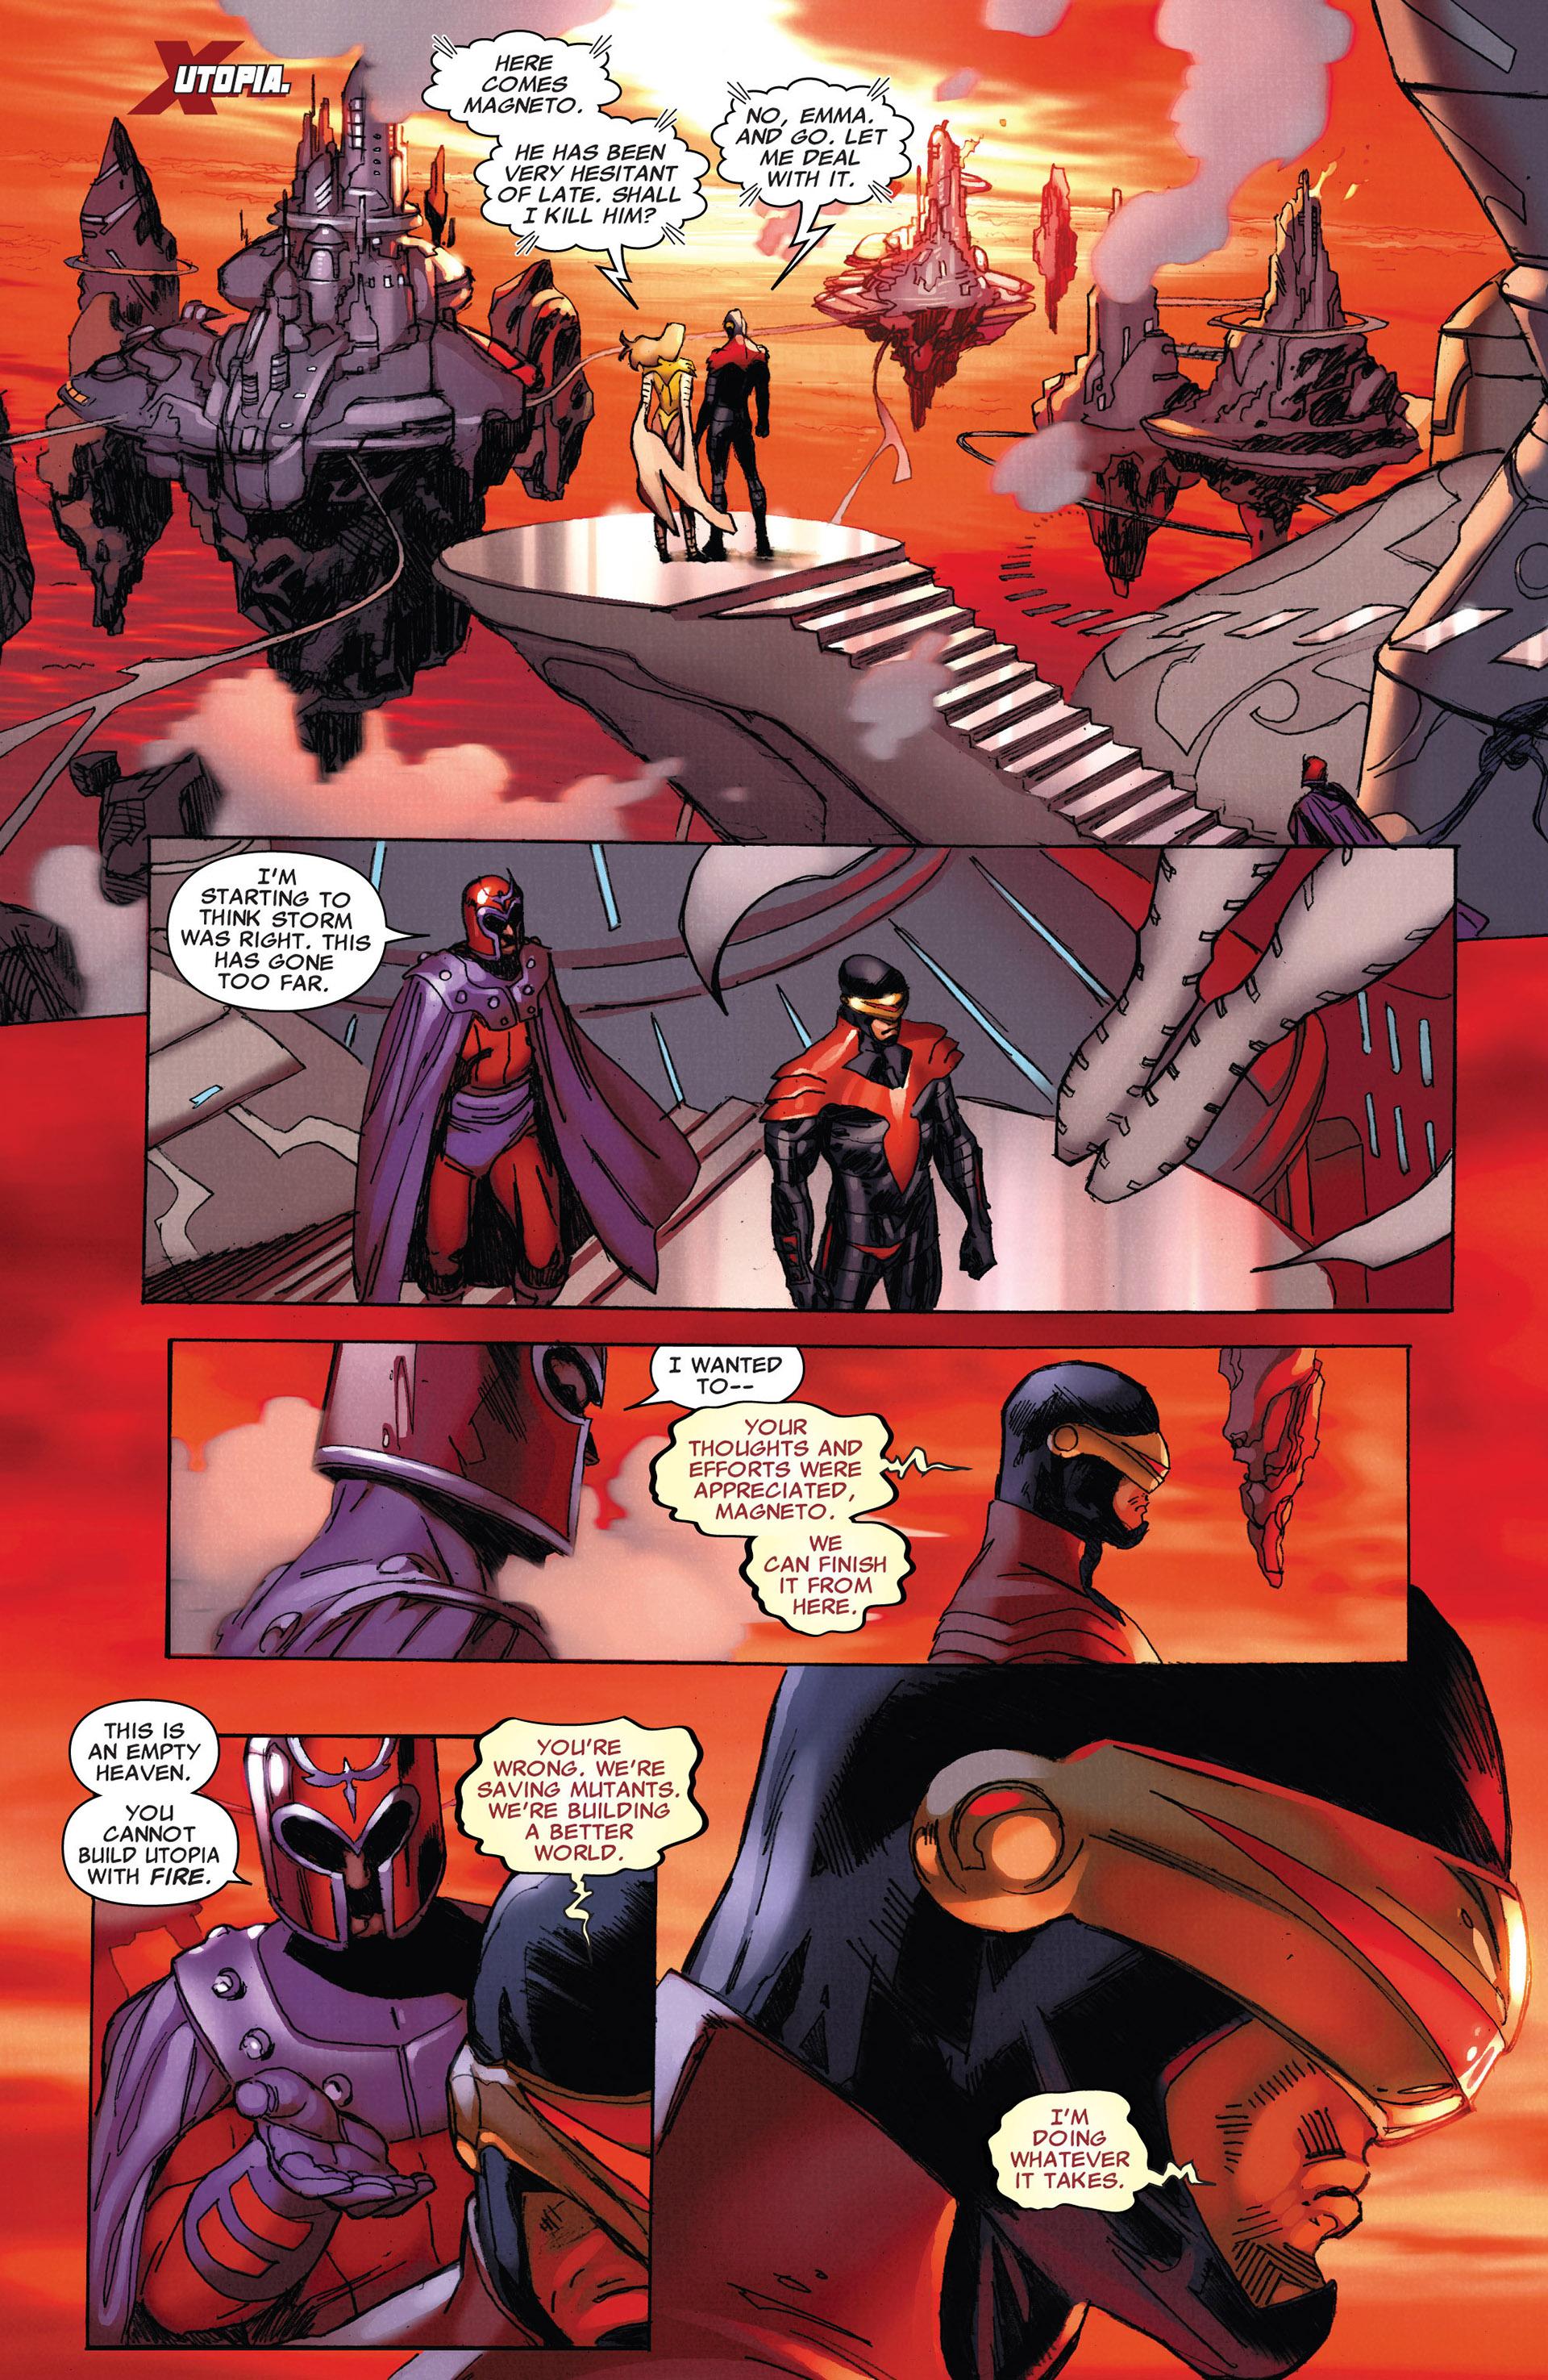 Read online Uncanny X-Men (2012) comic -  Issue #18 - 4